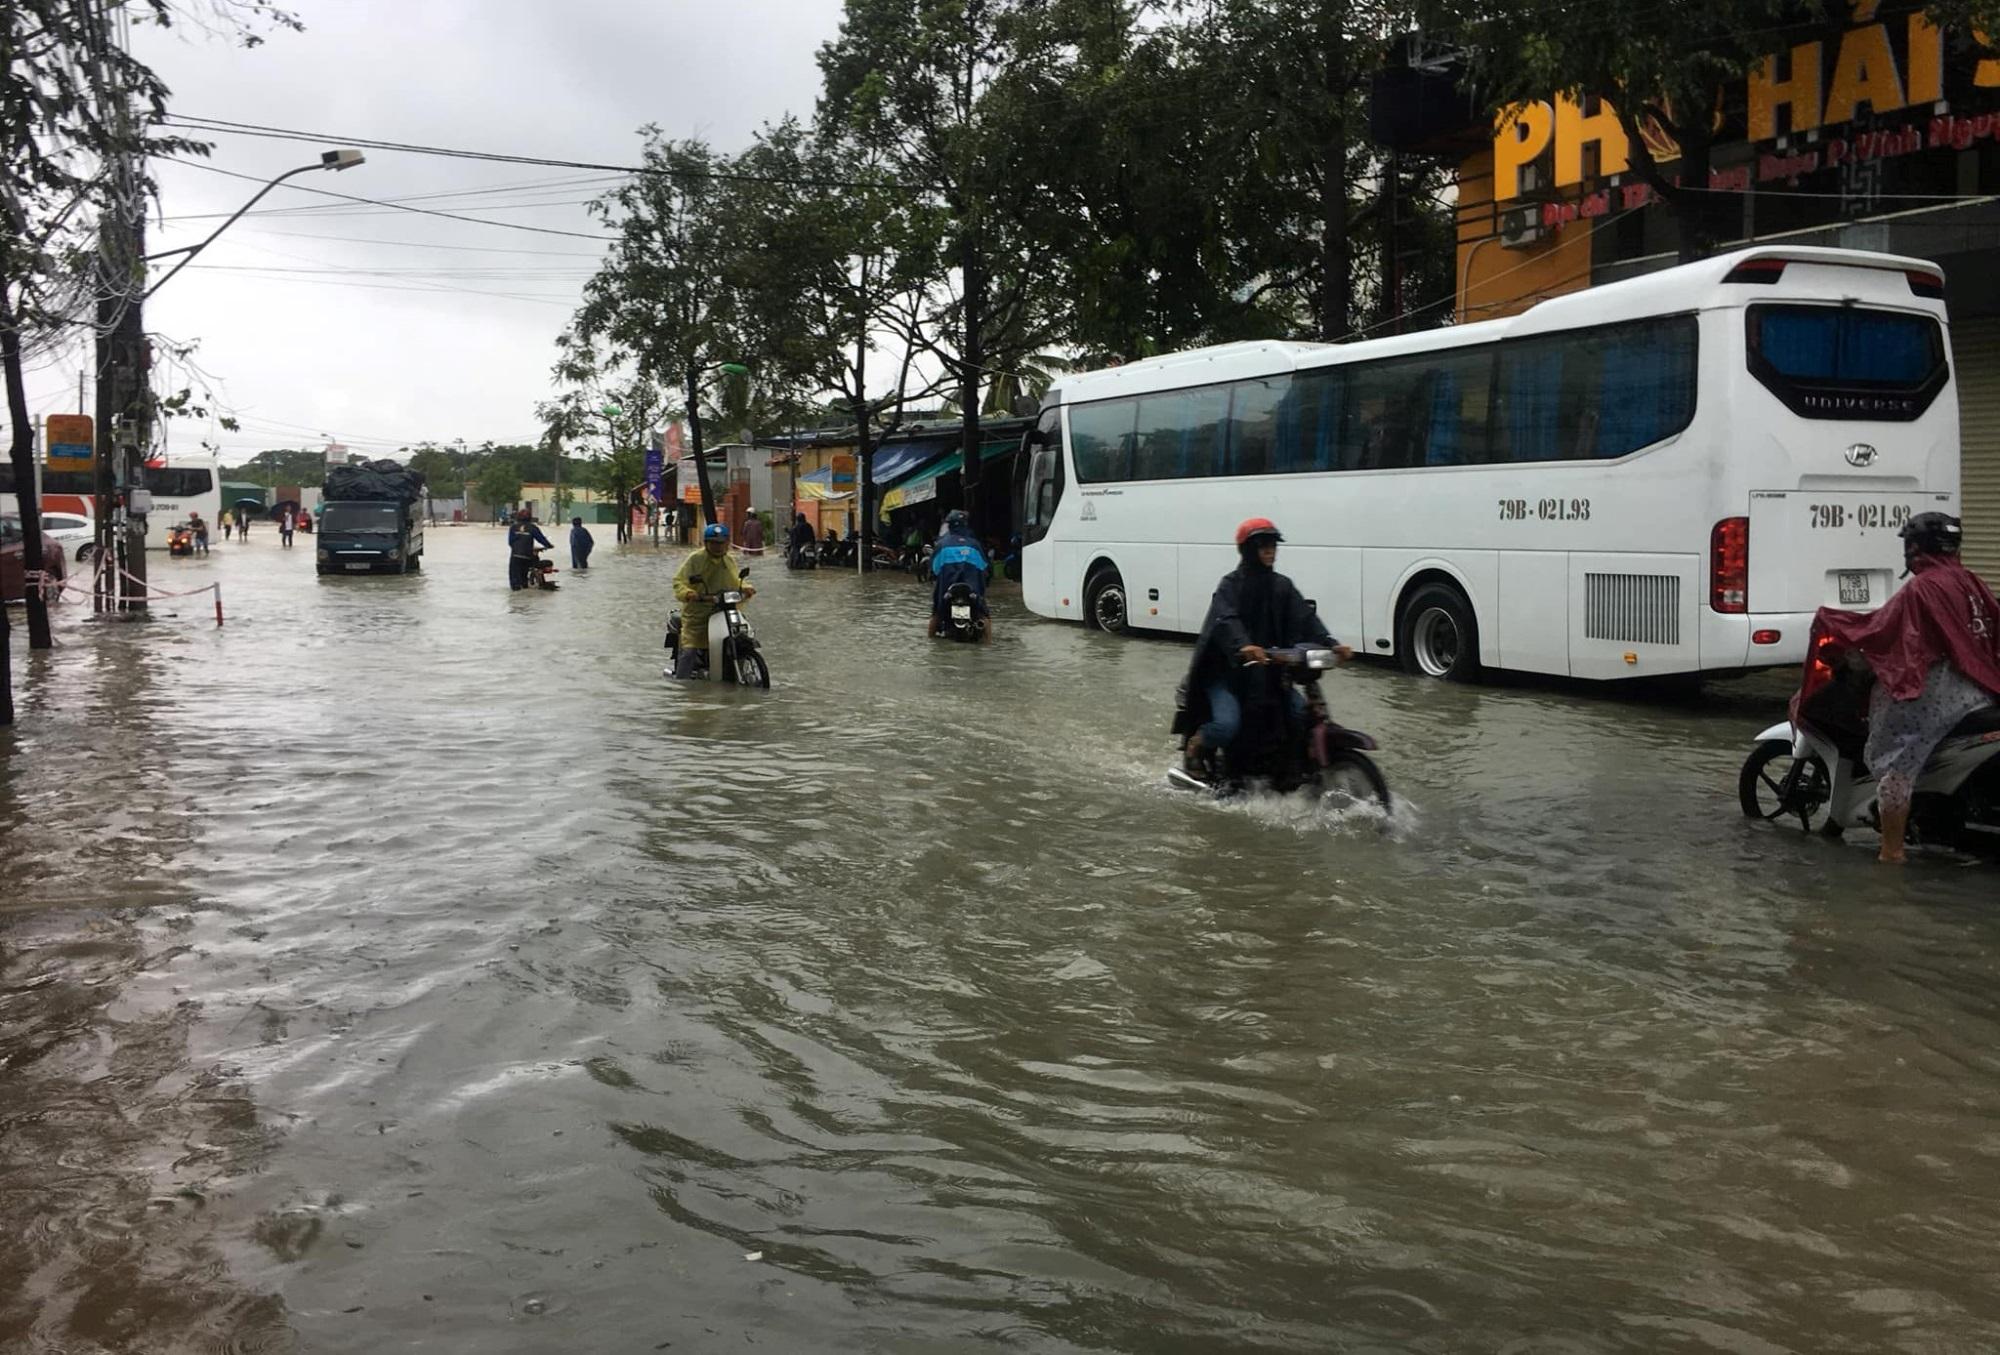 Nha Trang thành biển nước, đèo sạt lở vì bão số 8 - Ảnh 2